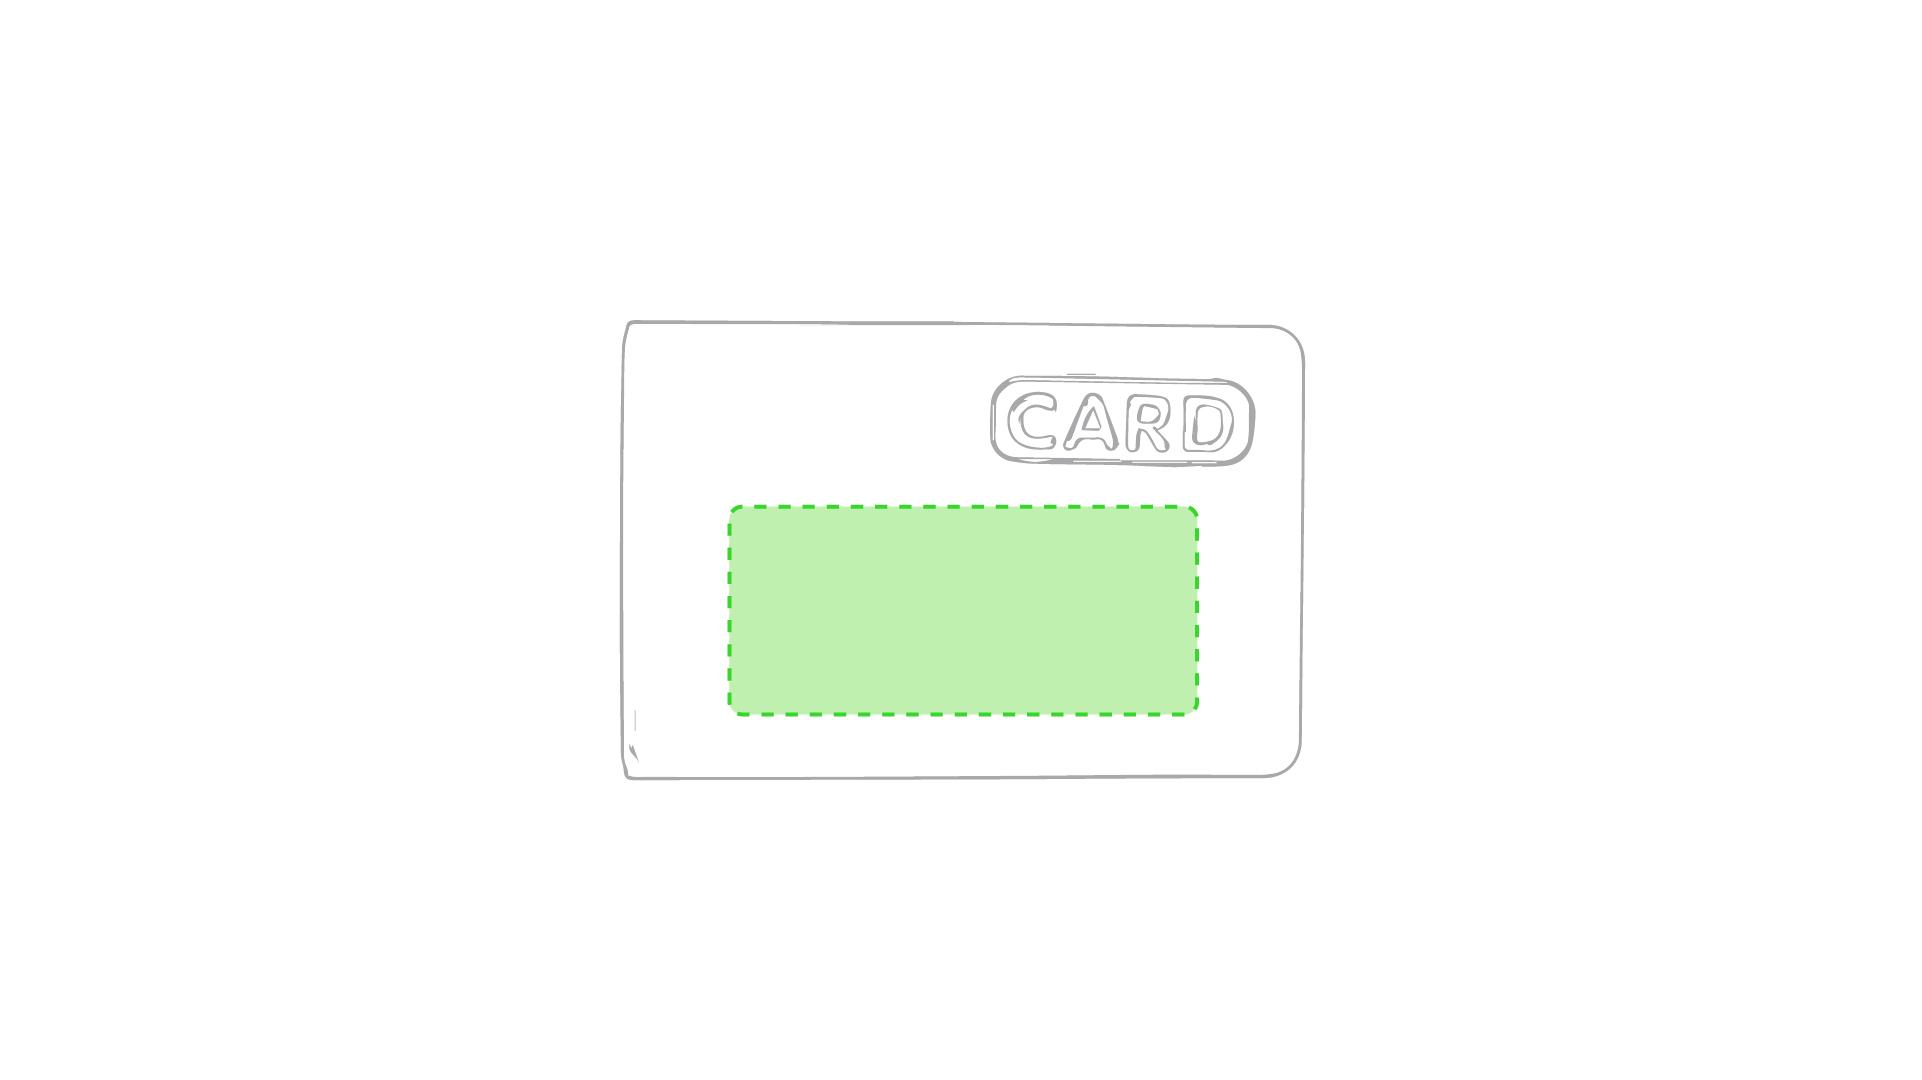 En la parte mas ancha, debajo de CARD